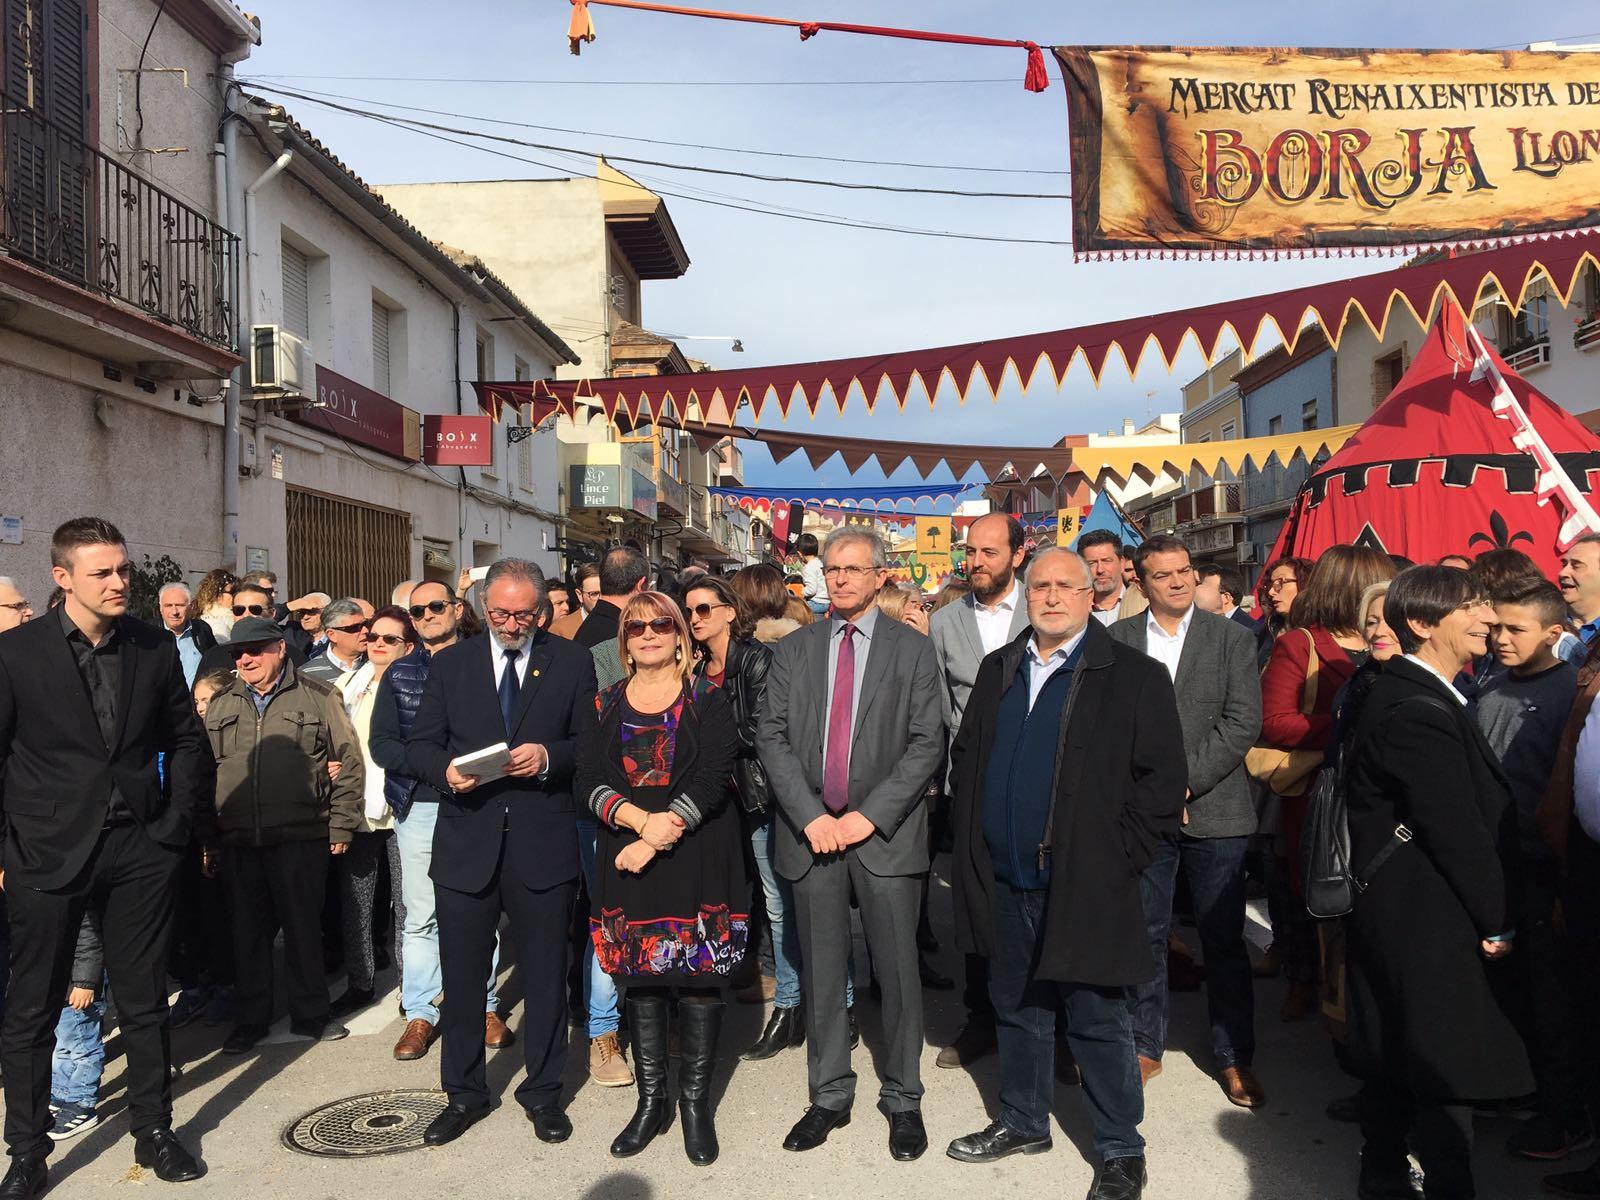 Els diputats Conxa Garcia i Bartolomé Nofuentes han assistit aquest dissabte a la inauguració oficial d'aquest popular mercat de recreació històrica.